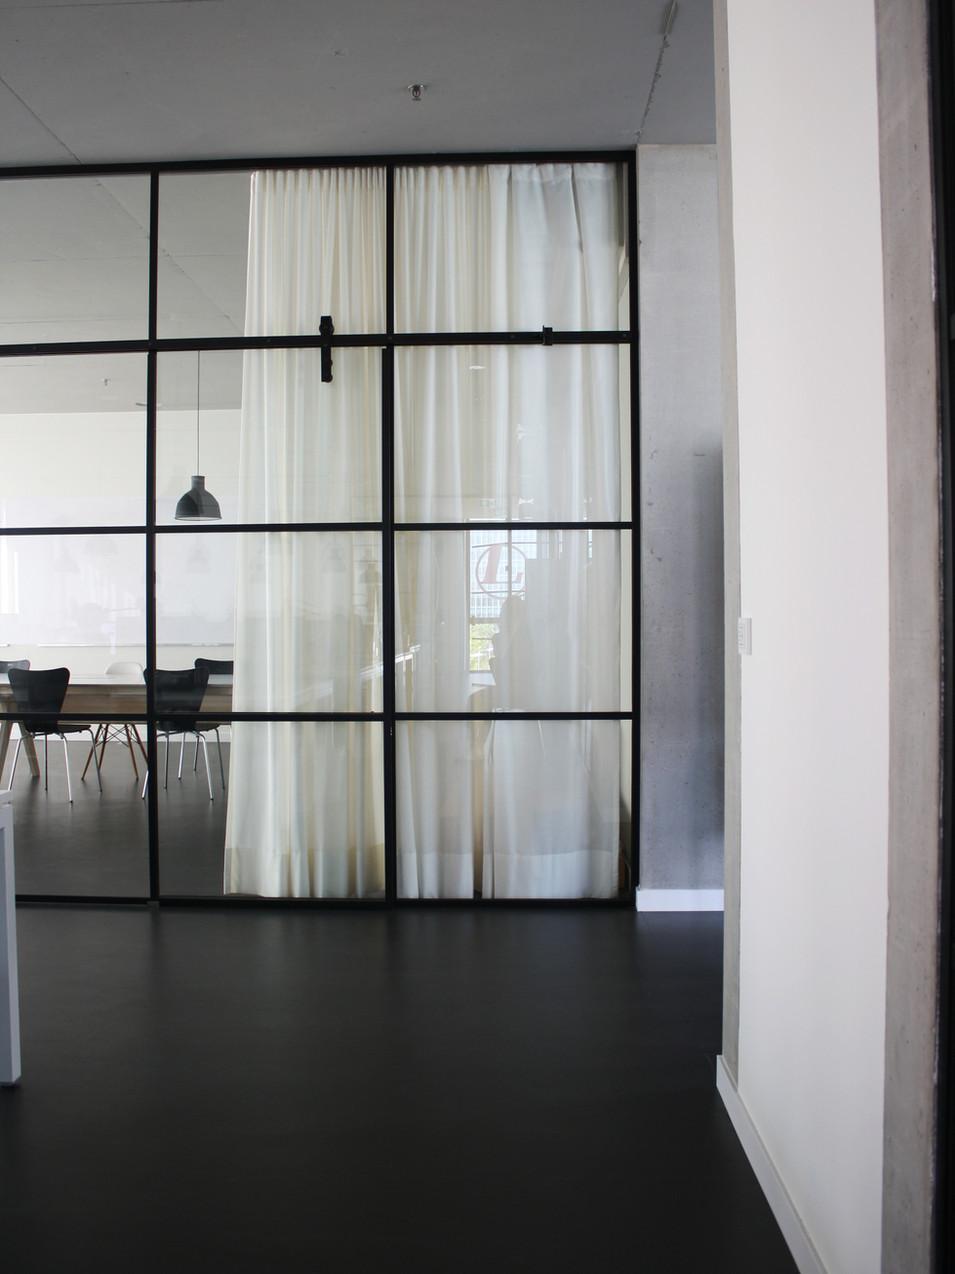 Innenarchitektur München Malluvia Marcella Breugl Leitwerk Unternehmensberatung Büroumbau Besprechungszimmer